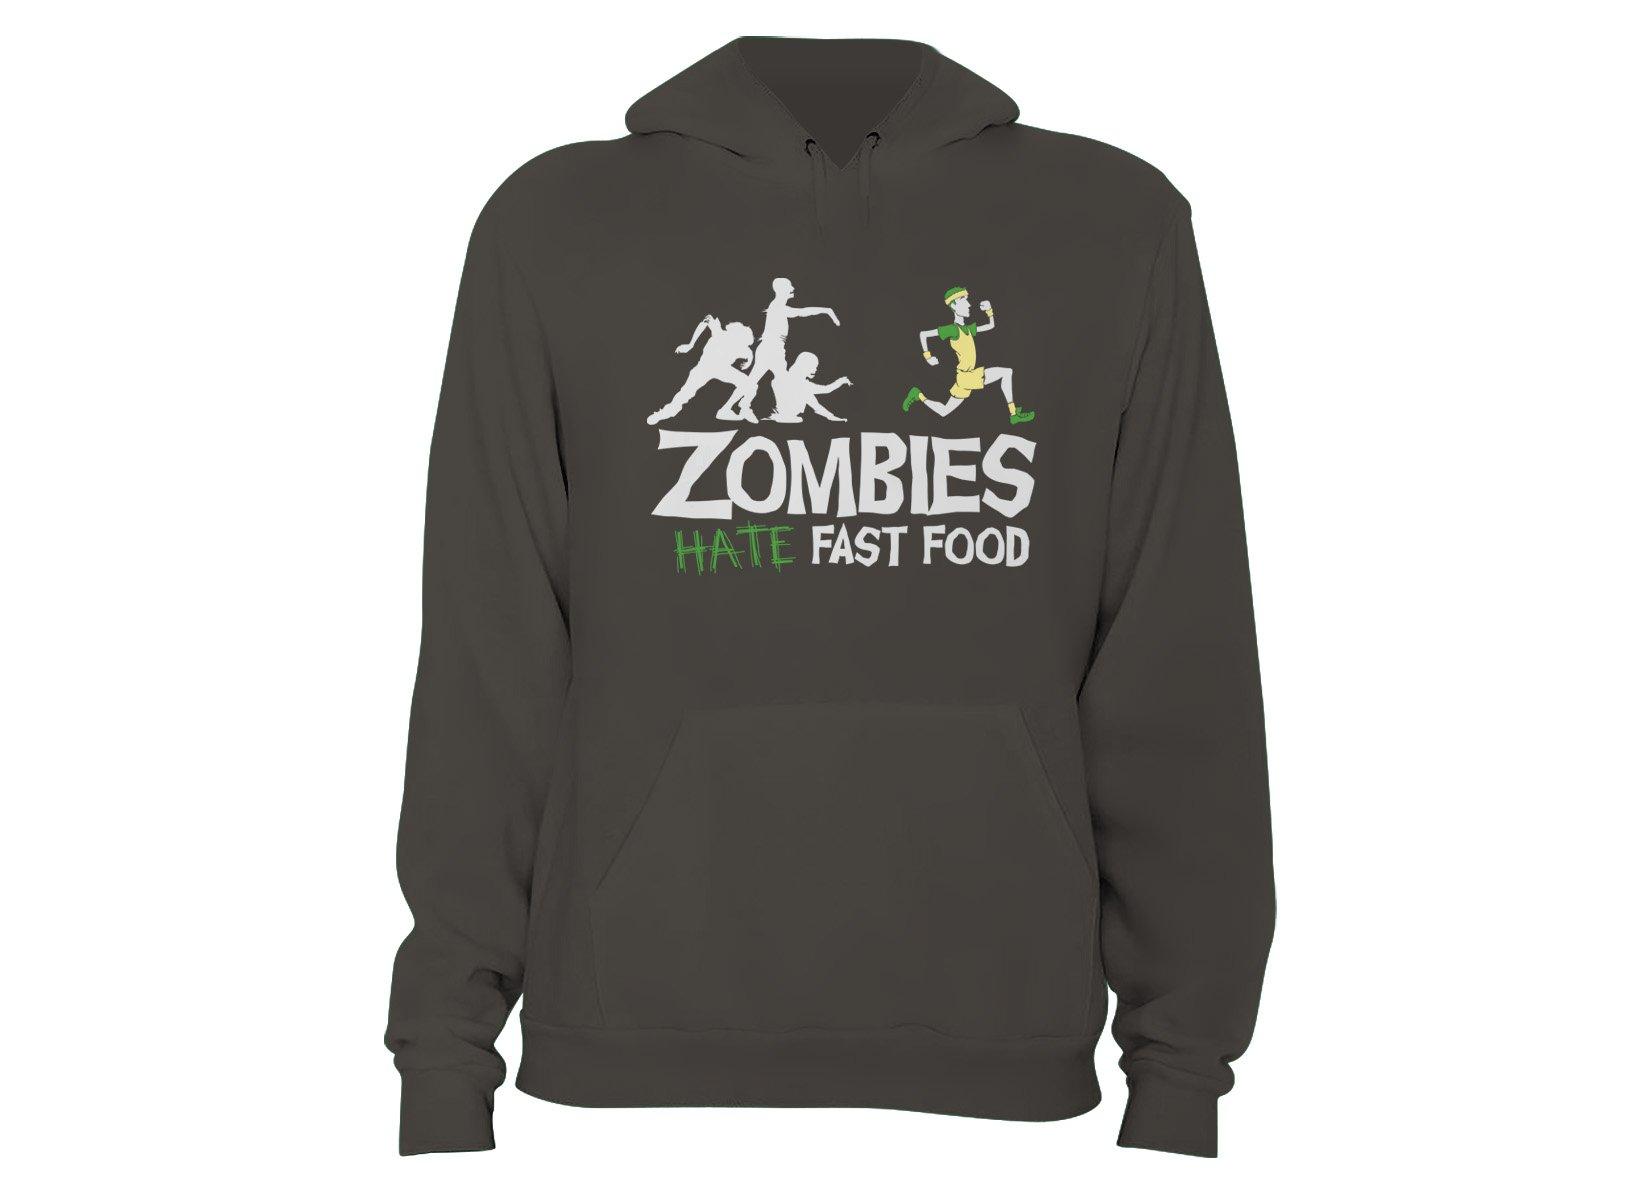 Zombies Hate Fast Food on Hoodie